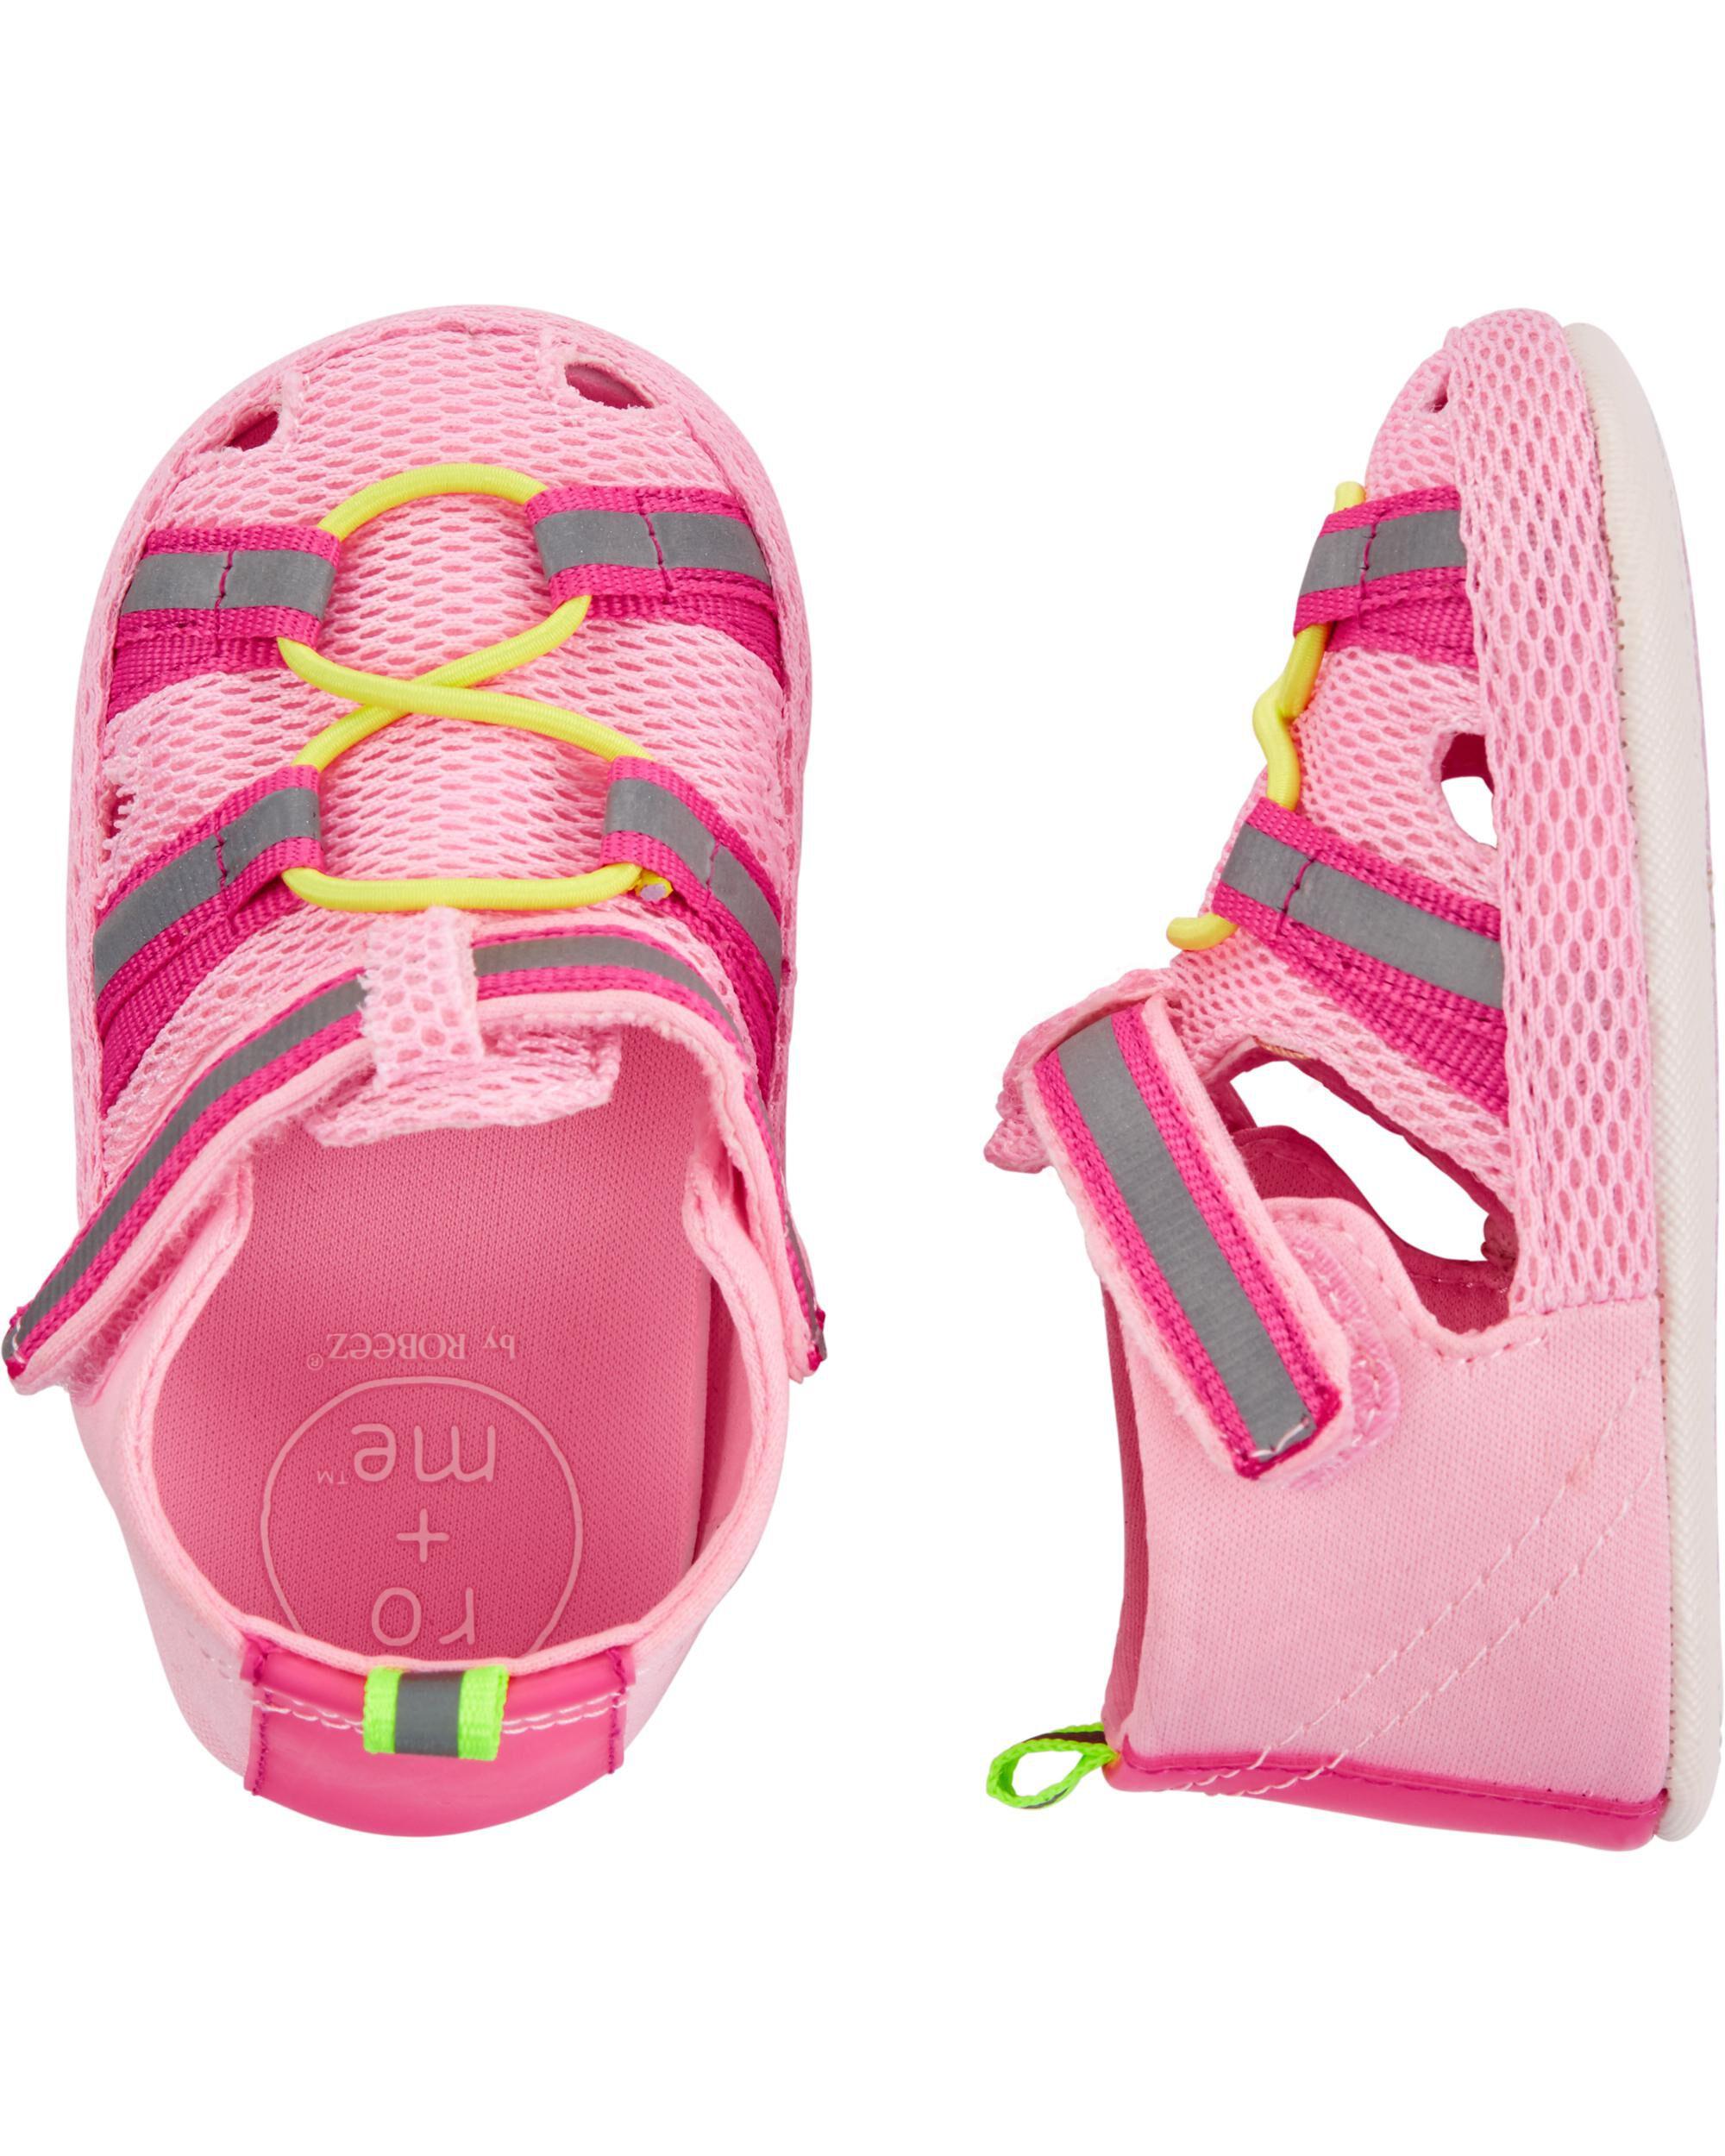 Robeez Acqua Sandal Soft Sole Shoes